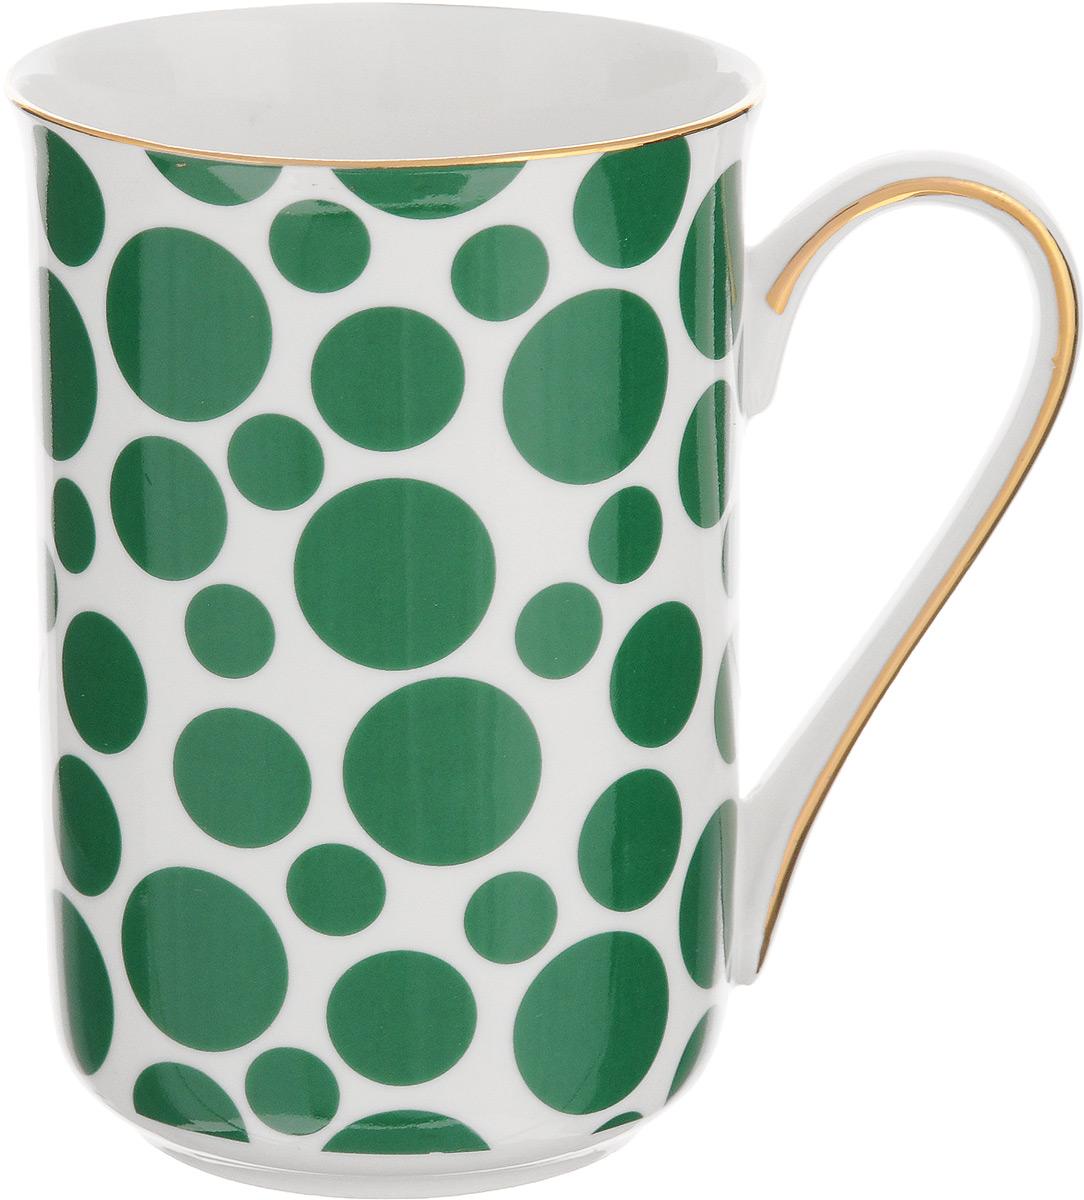 Кружка Patricia Горох, цвет: белый, зеленый, 370 млIM52-1400Кружка Patricia Горох выполнена из фарфора безупречной белизны. Изделие декорировано принтом в горошек, некоторые элементы дополнительно оформлены золотистой эмалью. Такая кружка не только порадует своей практичностью, но и станет приятным сувениром для ваших близких. А оригинальное оформление кружки добавит ярких эмоций. Изделие упаковано в подарочную коробку, задрапированную белой атласной тканью. Не рекомендуется мыть в посудомоечной машине и использовать в микроволновой печи. Диаметр кружки (по верхнему краю): 7,5 см. Высота кружки: 11 см.